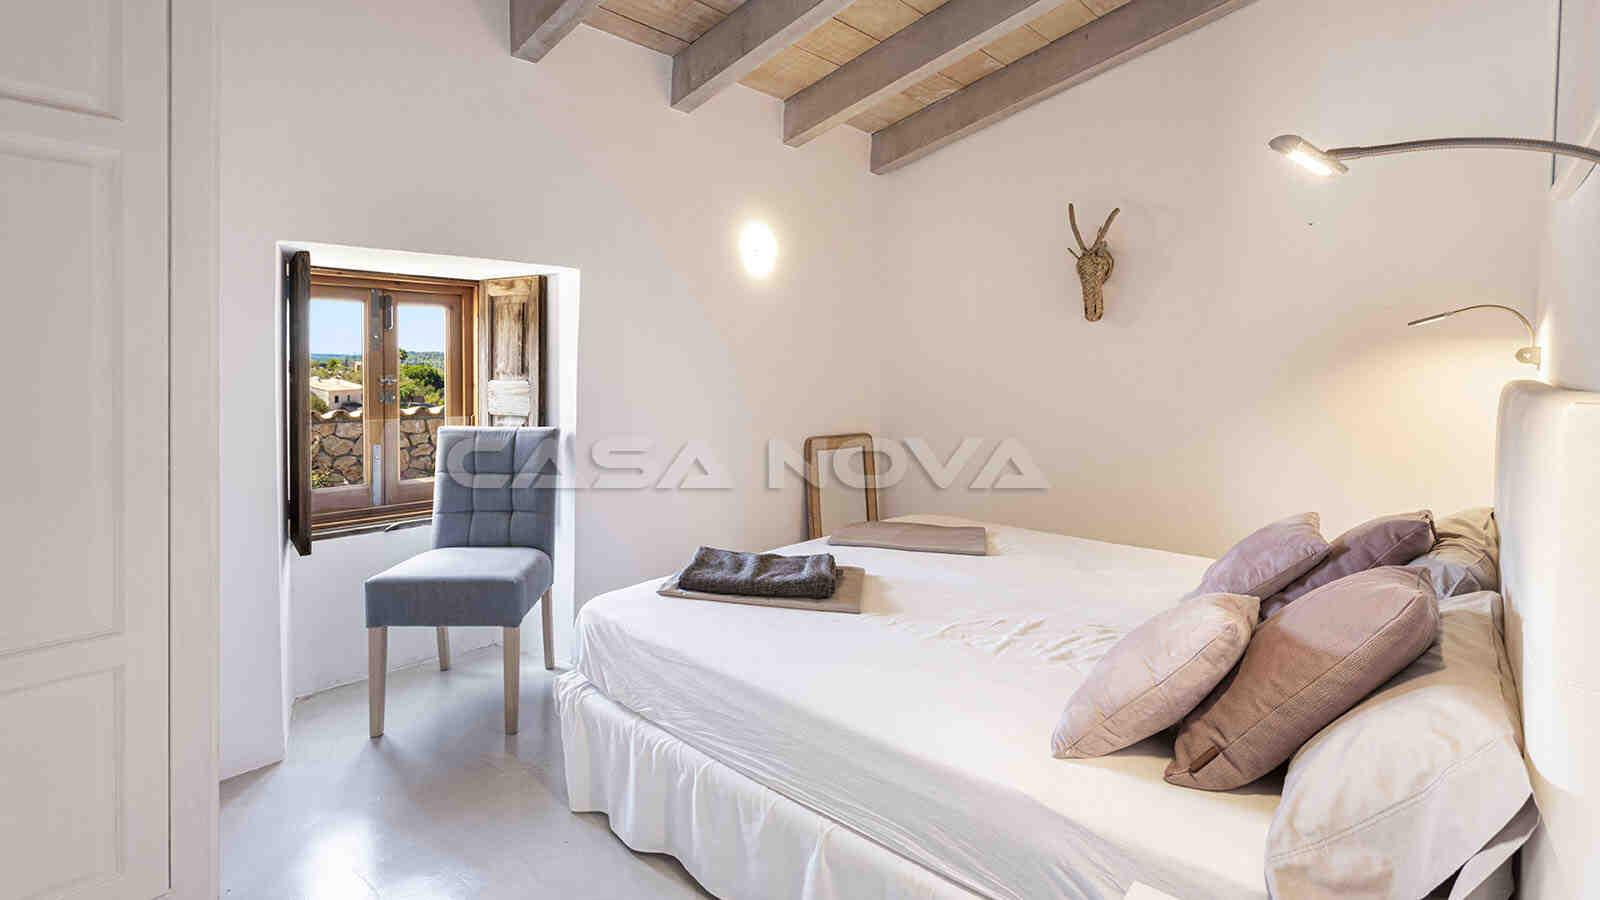 Drittes Doppelschlafzimmer mit Holzbalkendecken